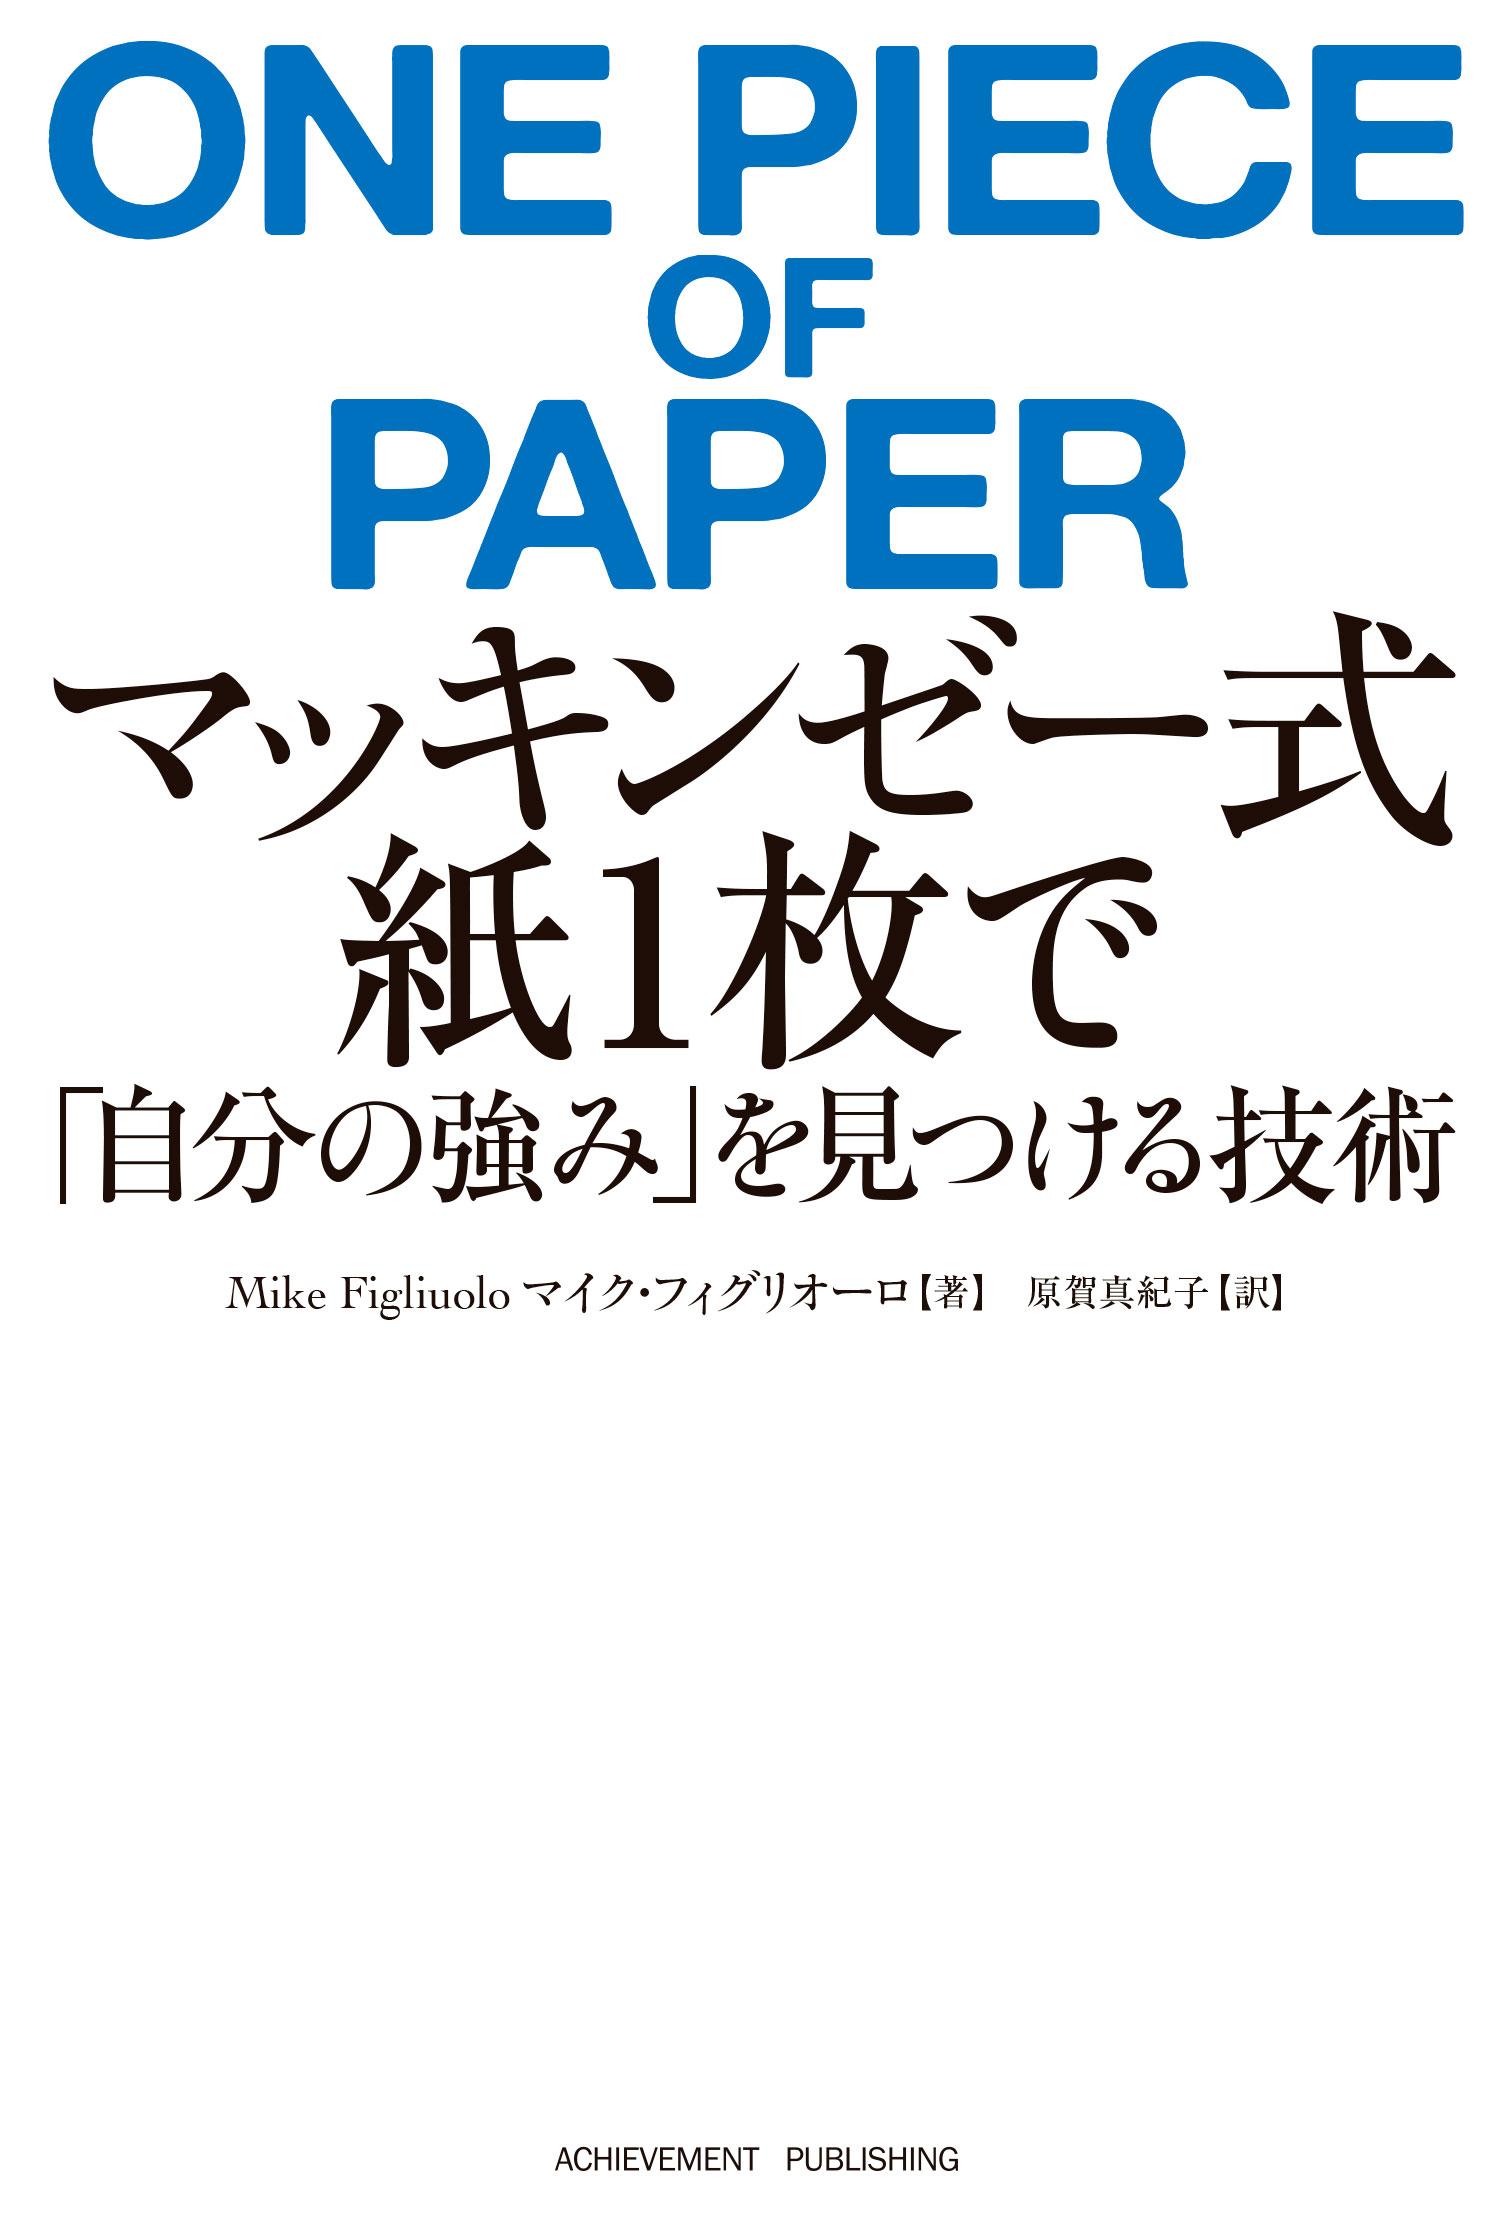 マッキンゼー式 紙1枚で「自分の強み」を見つける技術の画像2